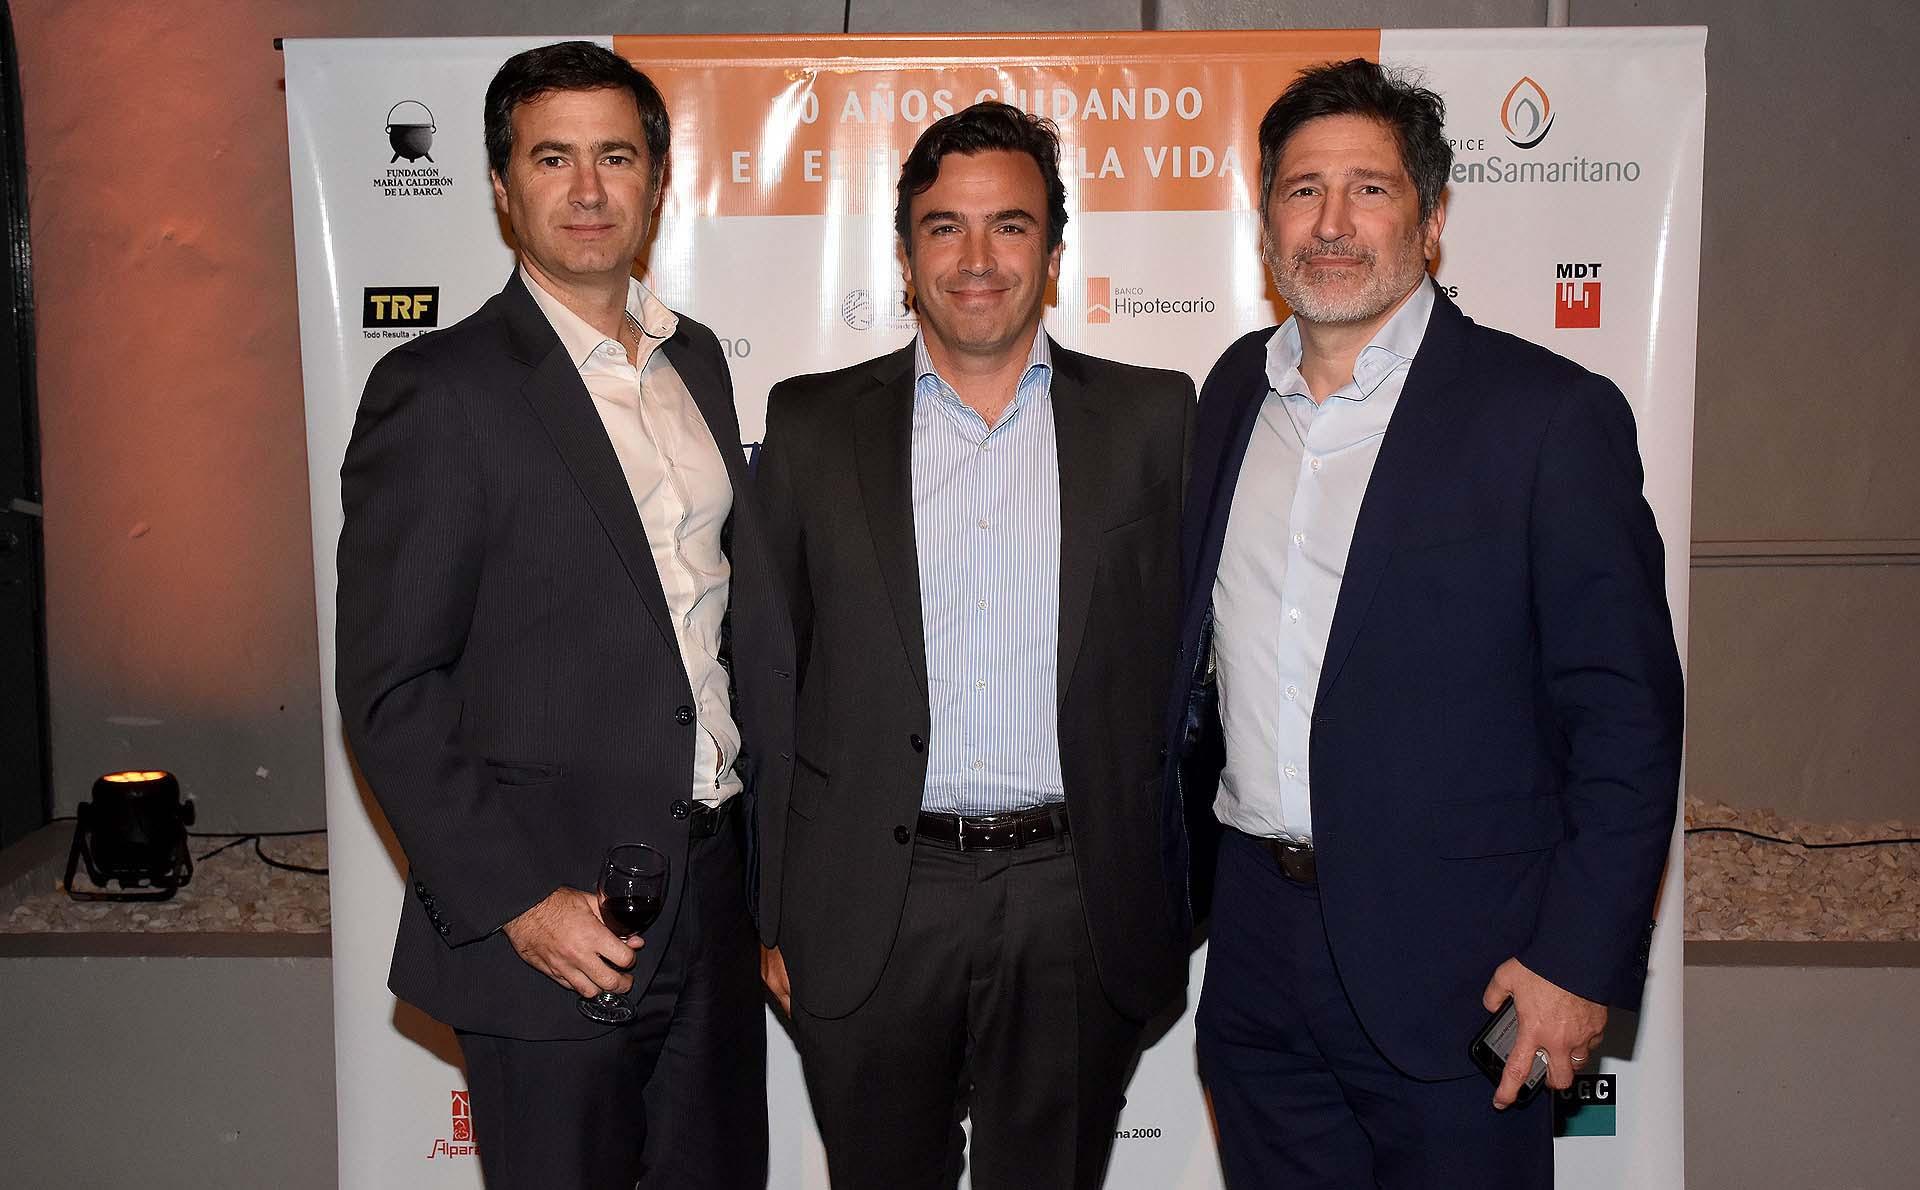 Diego Jordan, CEO de Bacs, Banco de Inversión, y director comercial del Banco Hipotecario, Manuel Puelles y Adrián Meszaros